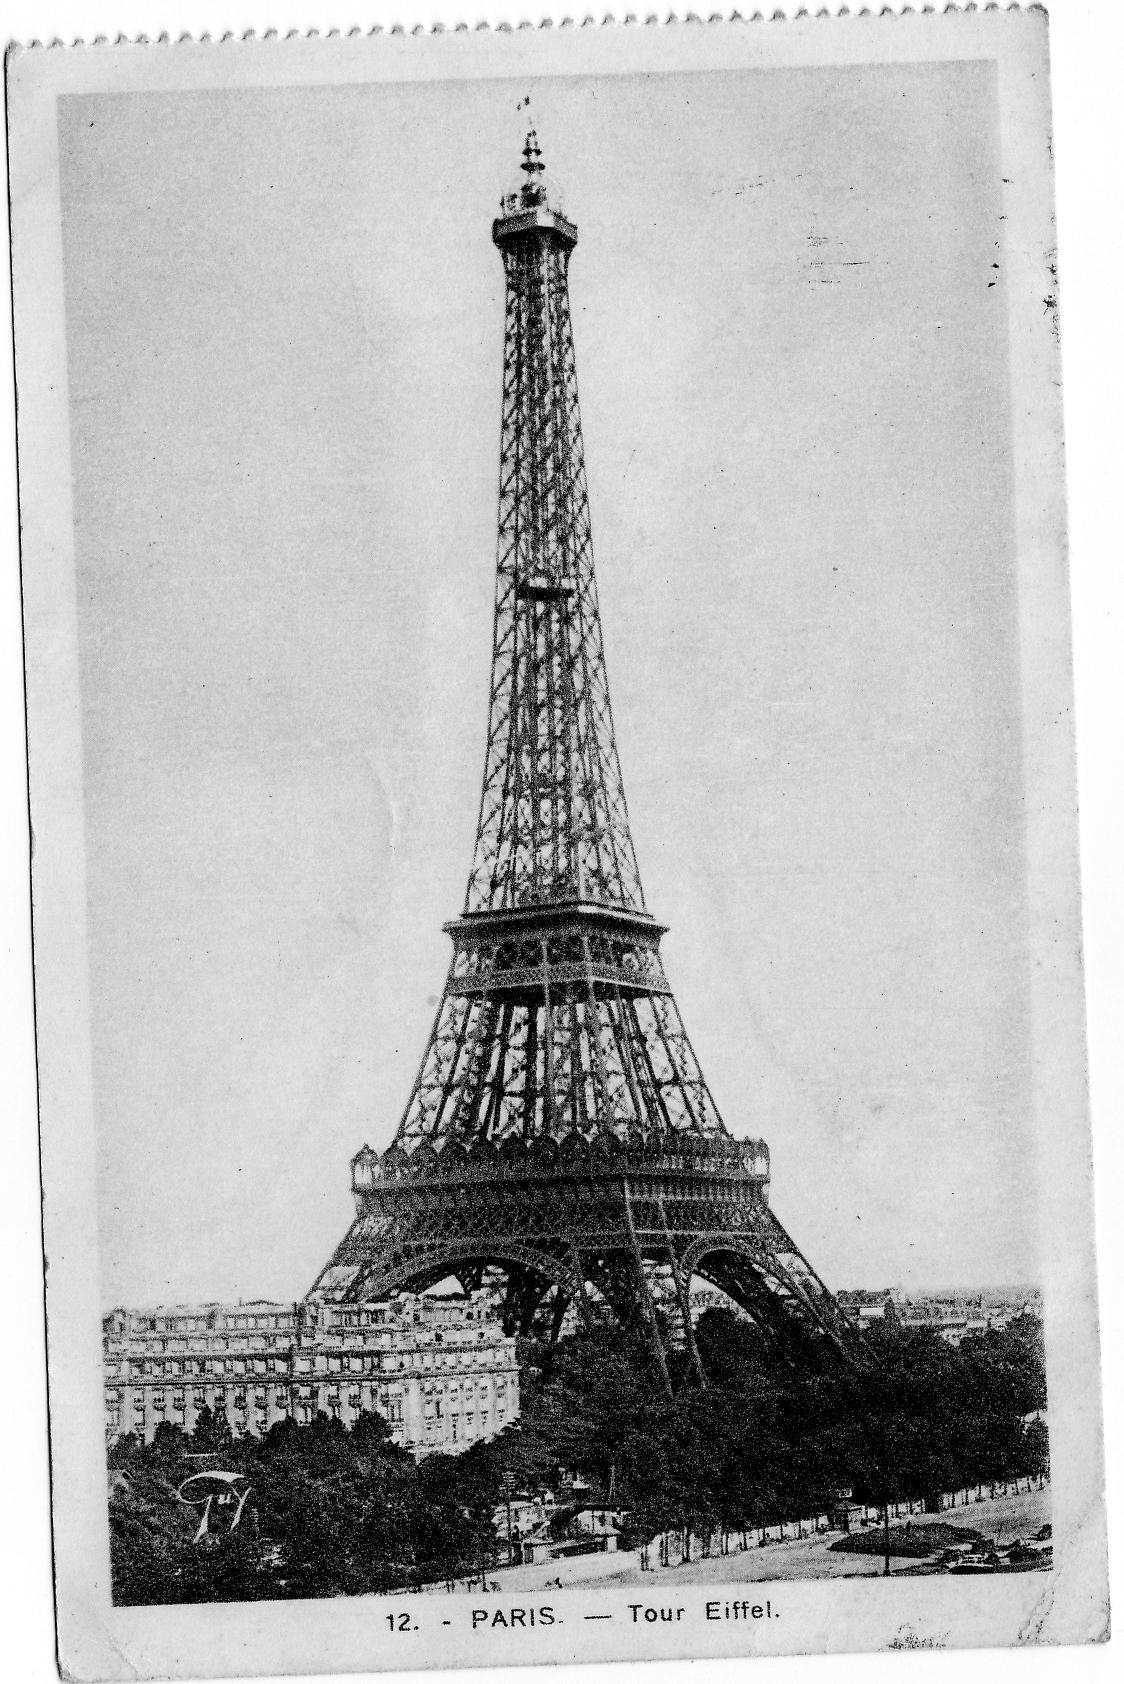 Eiffel Tower Paris France Cuba Mo Route 66 Mural